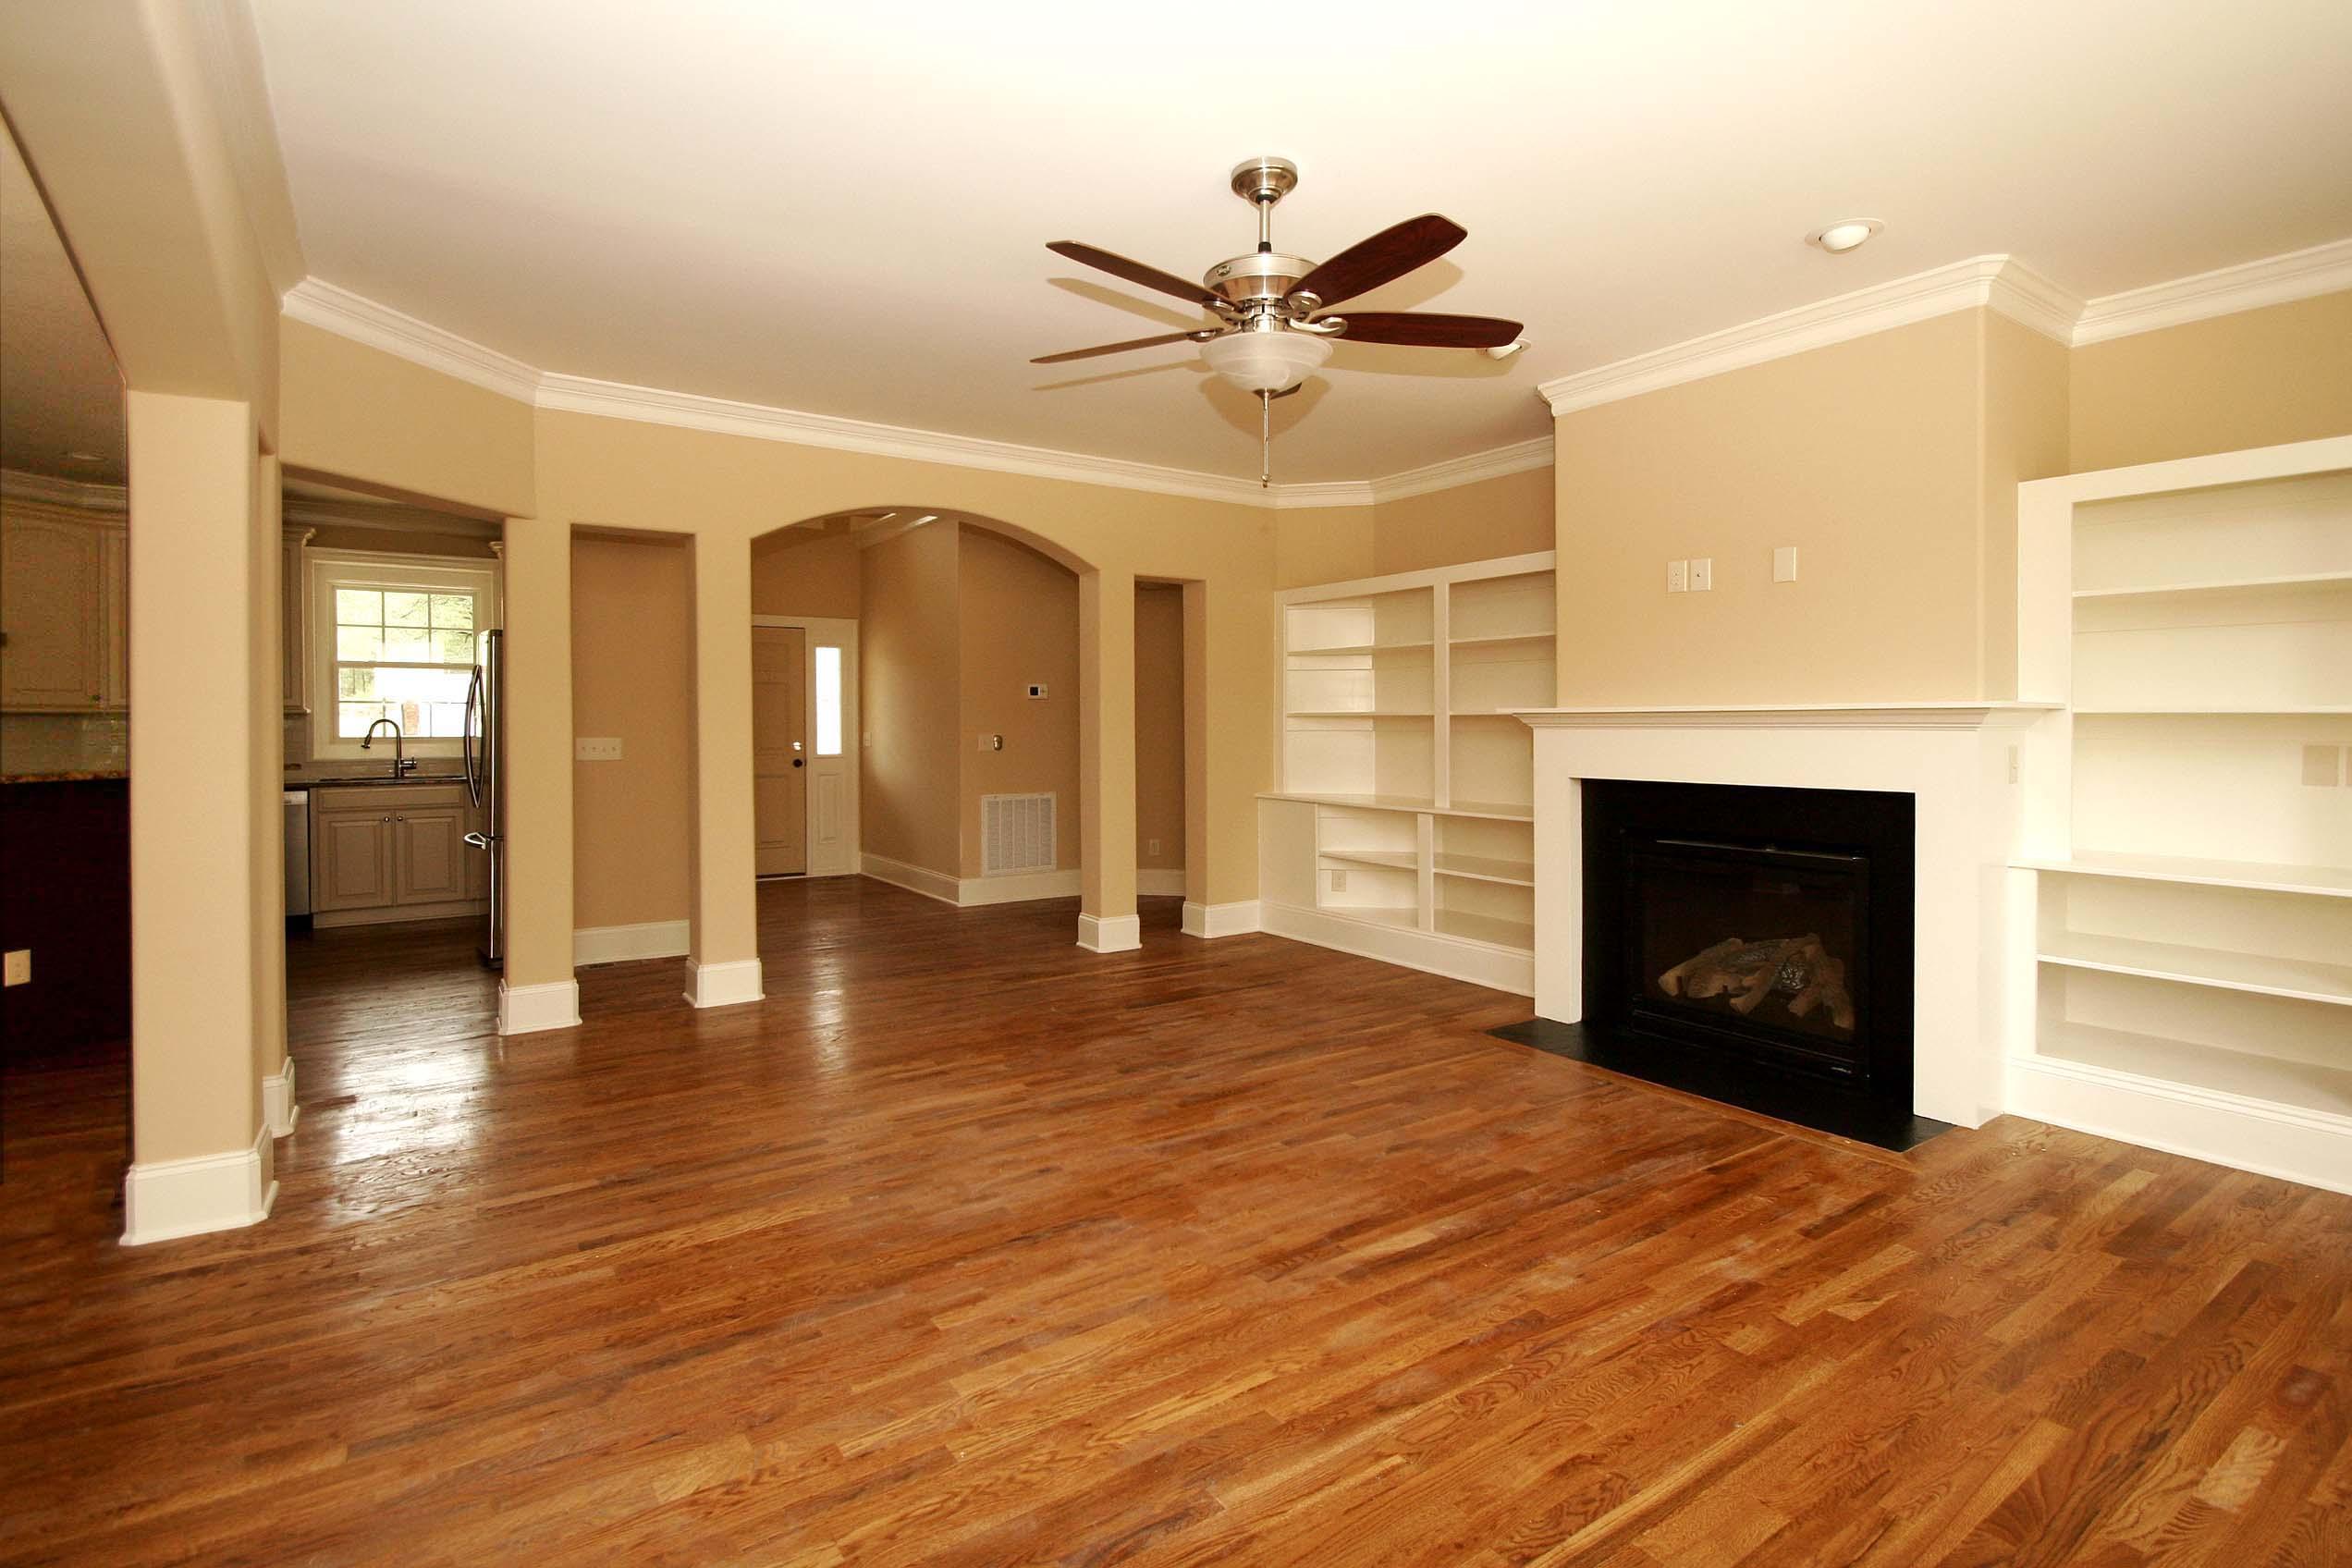 Great Room Design Ideas  Top 5 Great Room Floor Plans